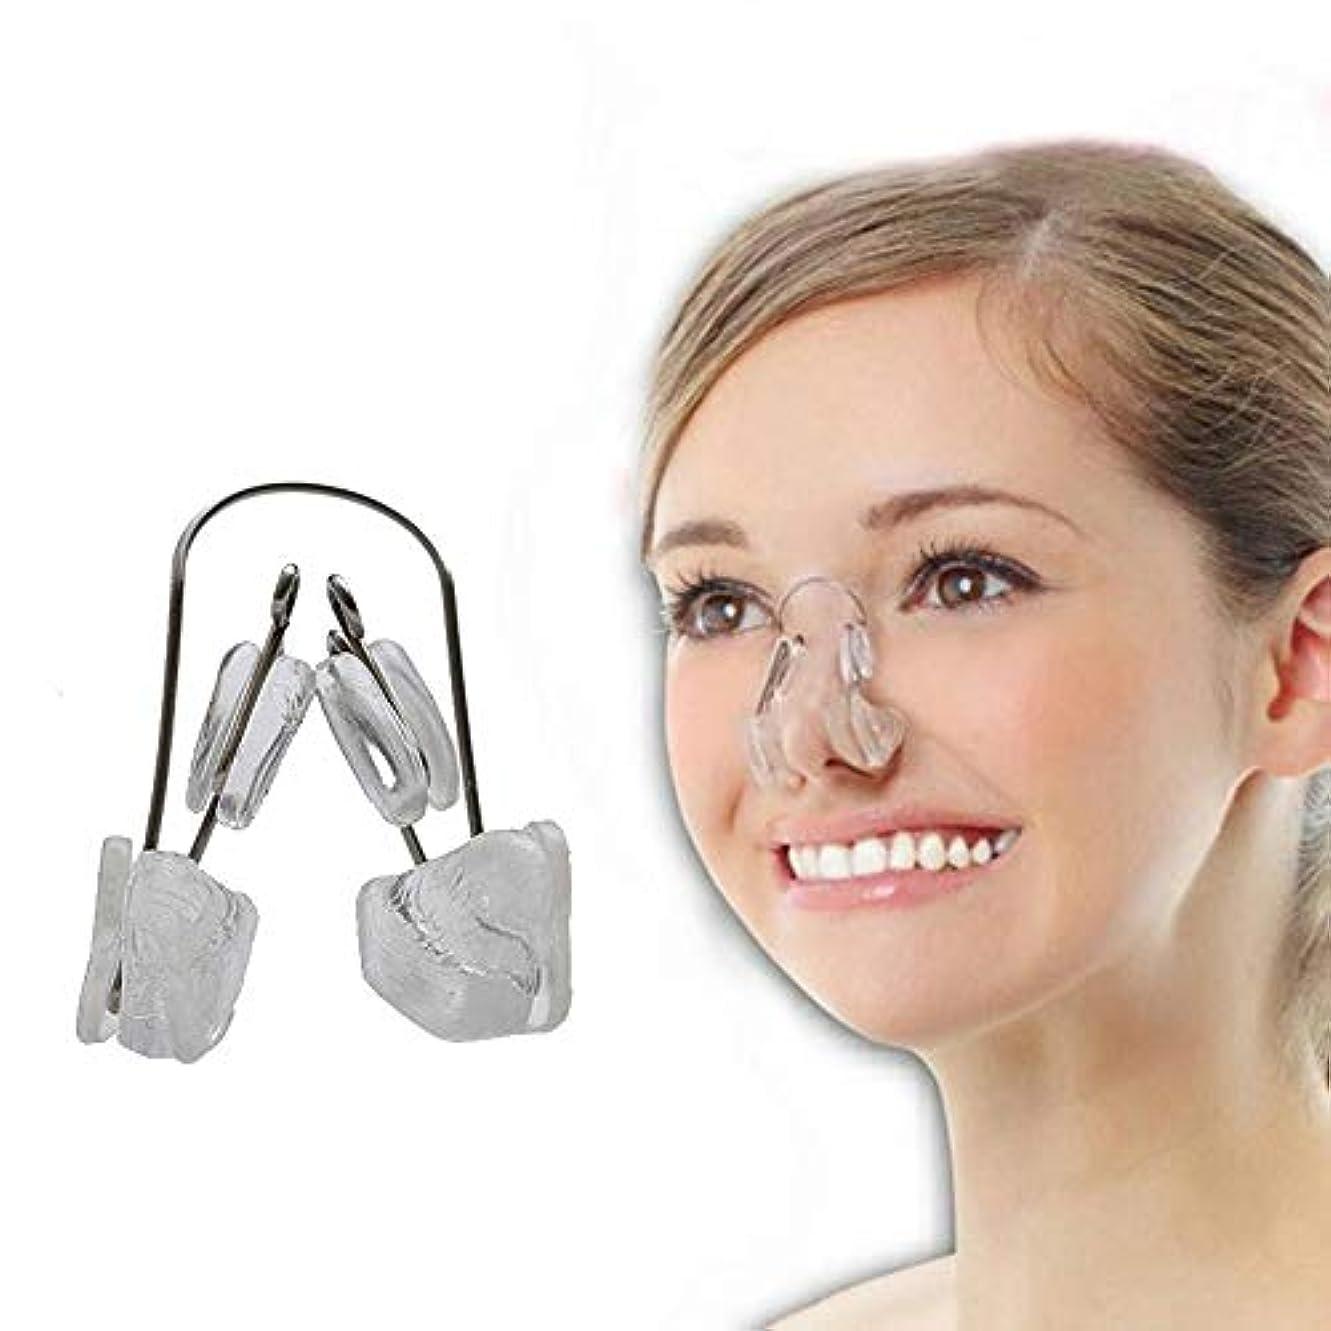 見習い調整委任Lindexs ないノーズアップピン ノーズアップピン 美鼻クリップ 鼻高く 鼻筋 矯正 (クリア)